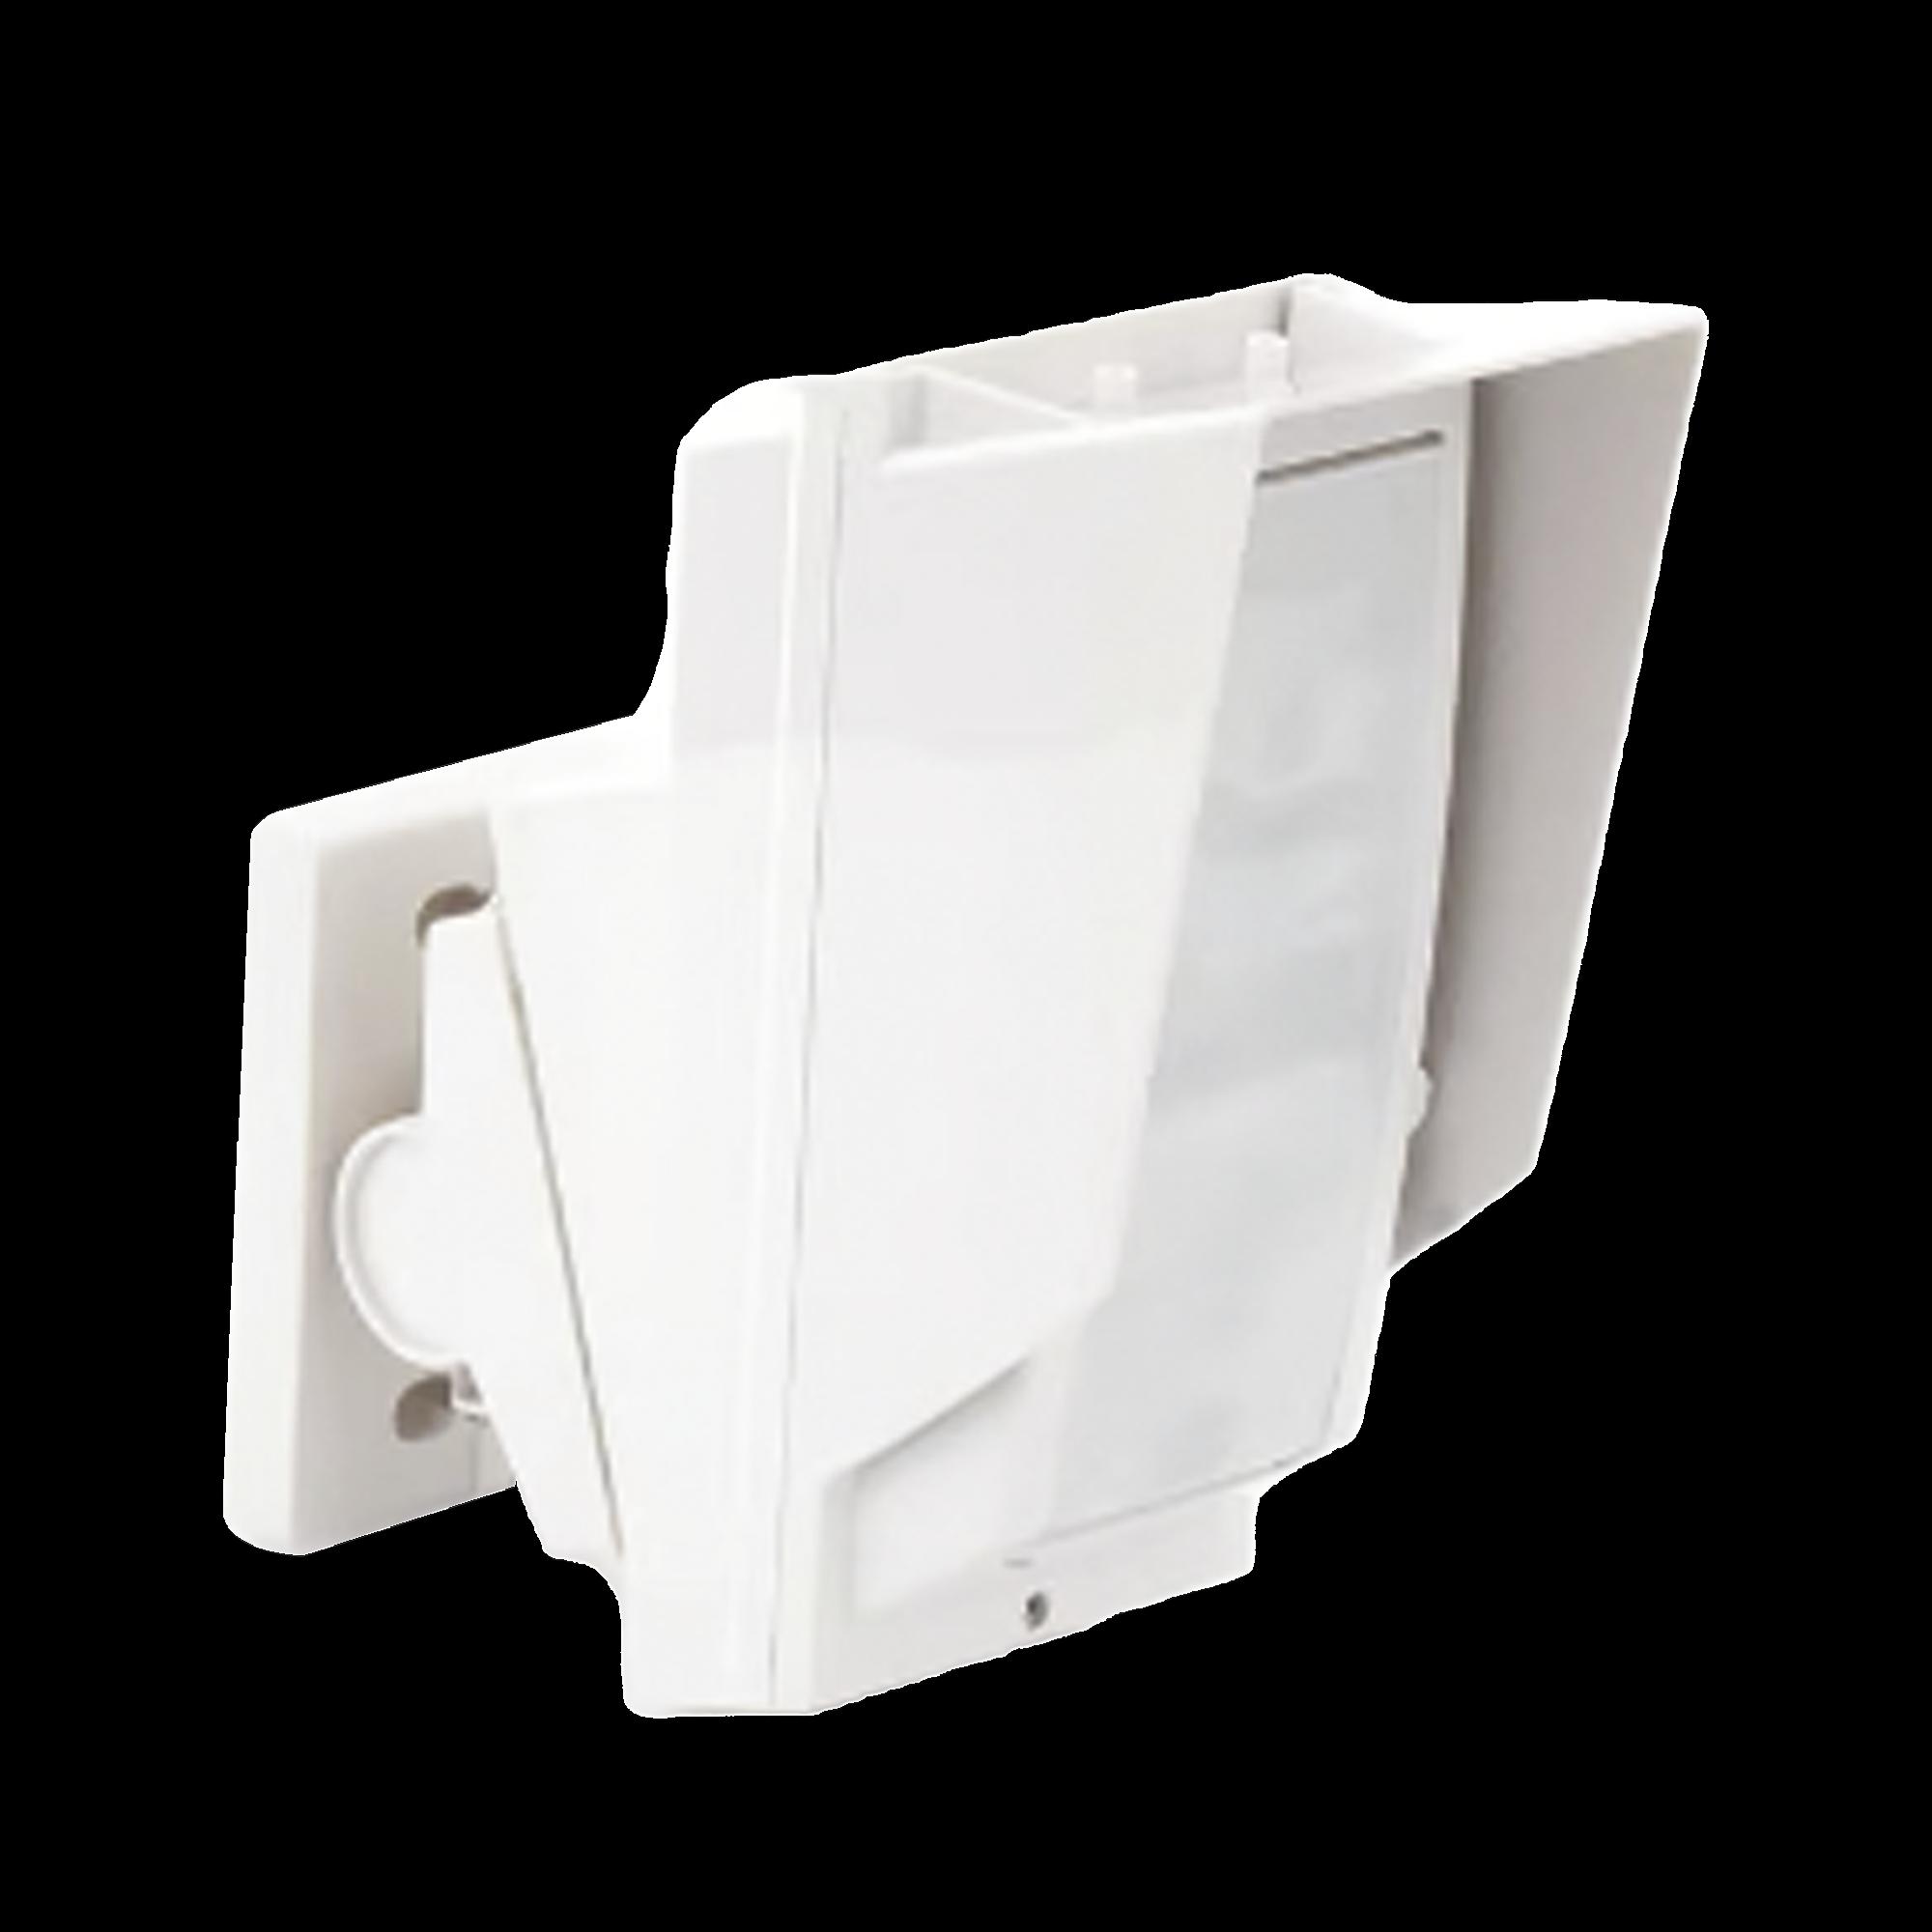 Detector de Movimiento / 100% Exterior /  Cableado / Hasta 24 metros / Instalación hasta 3 metros / Compatible con cualquier panel de alarma